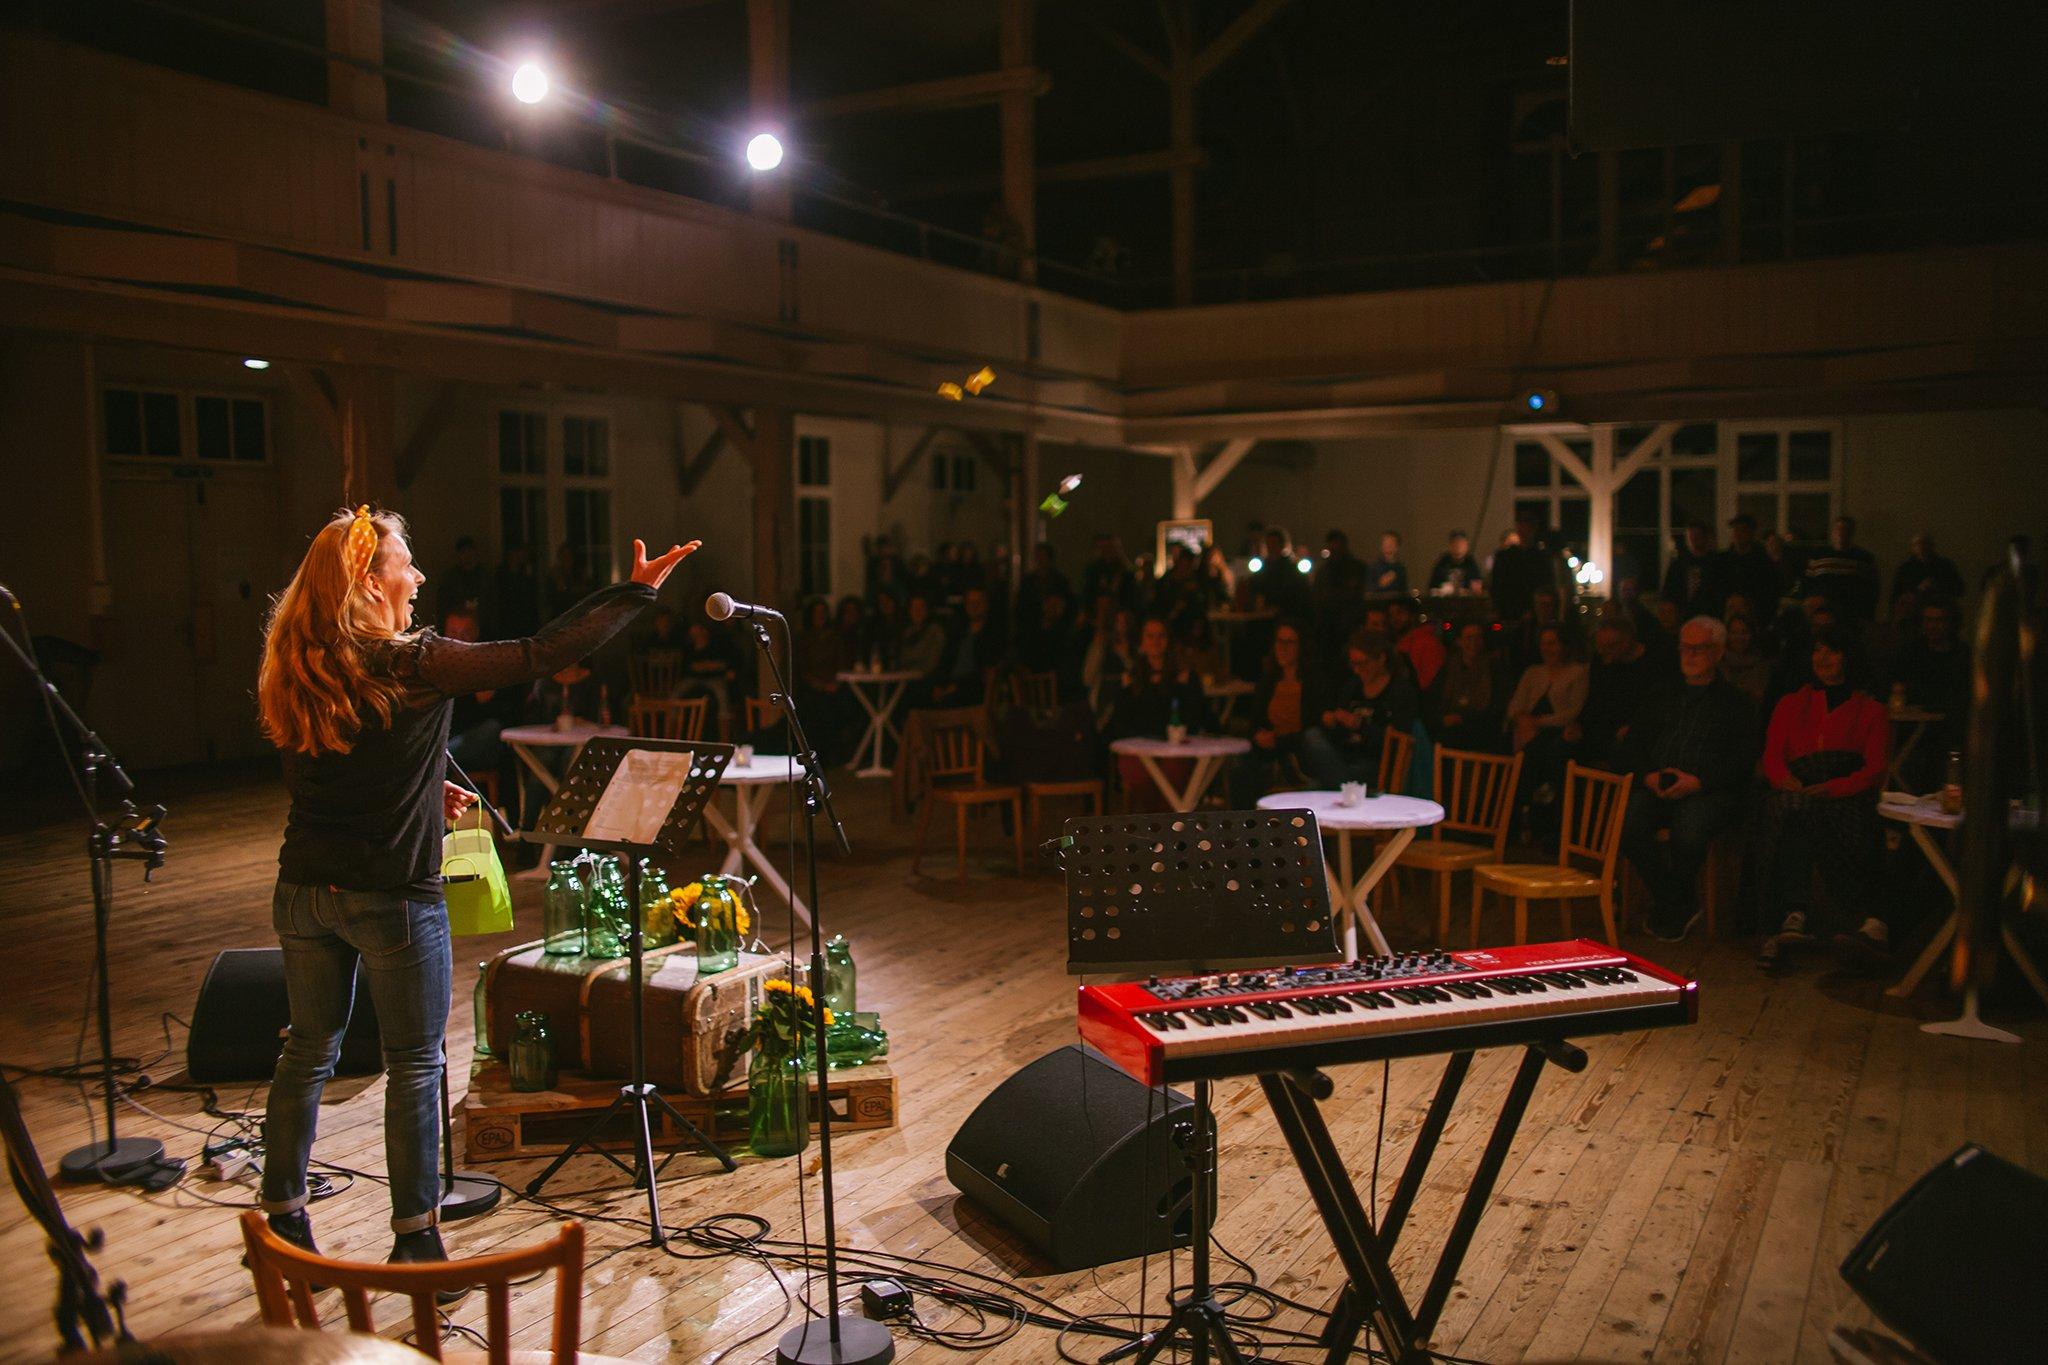 Eben-Ezer-Sessions am 18.10.2019: Das Publikum in der Eben-Ezer-Halle hat Freude an den Darbietungen der tsc-Bands. (Foto: Knut Burmeister, ALLTAG)